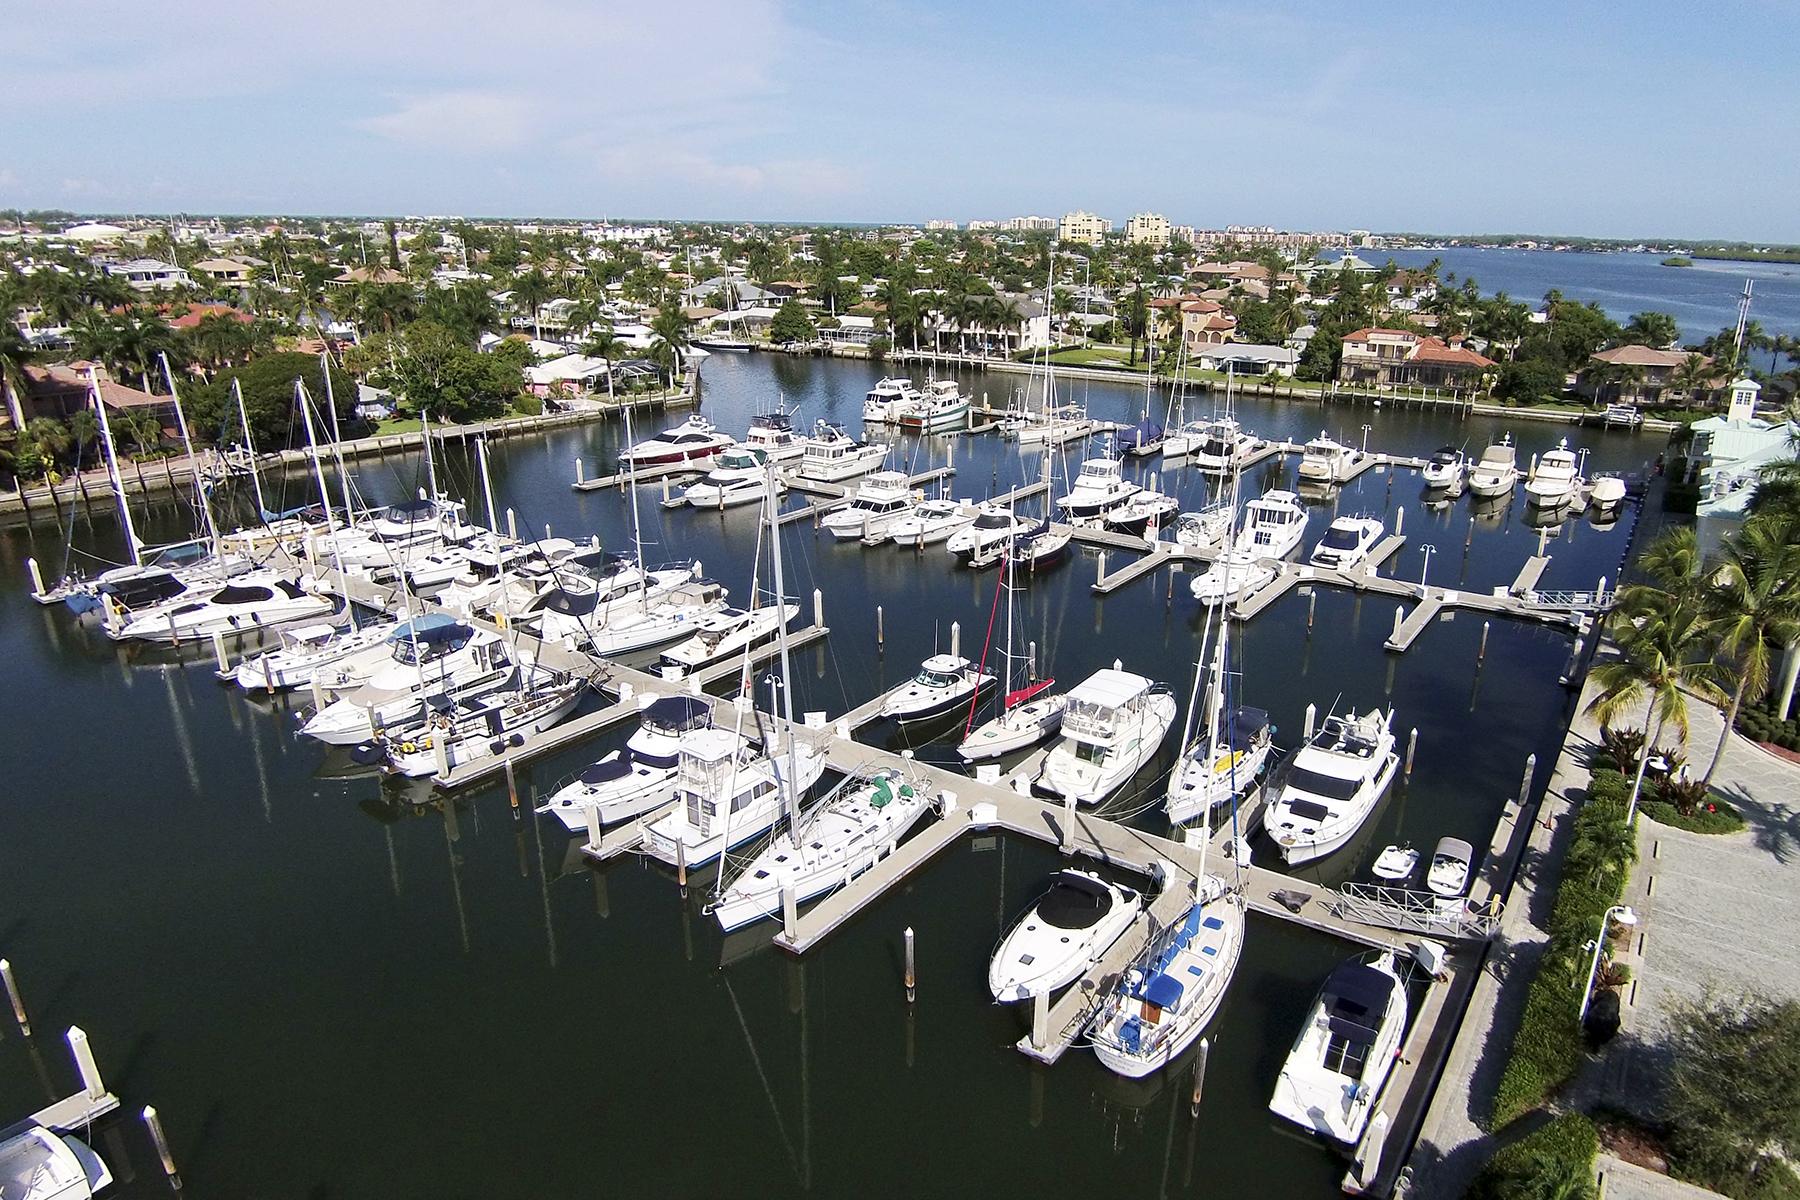 Các loại nhà khác vì Bán tại MARCO ISLAND YACHT CLUB 1402 Collier Blvd Marco Island, Florida 34145 Hoa Kỳ